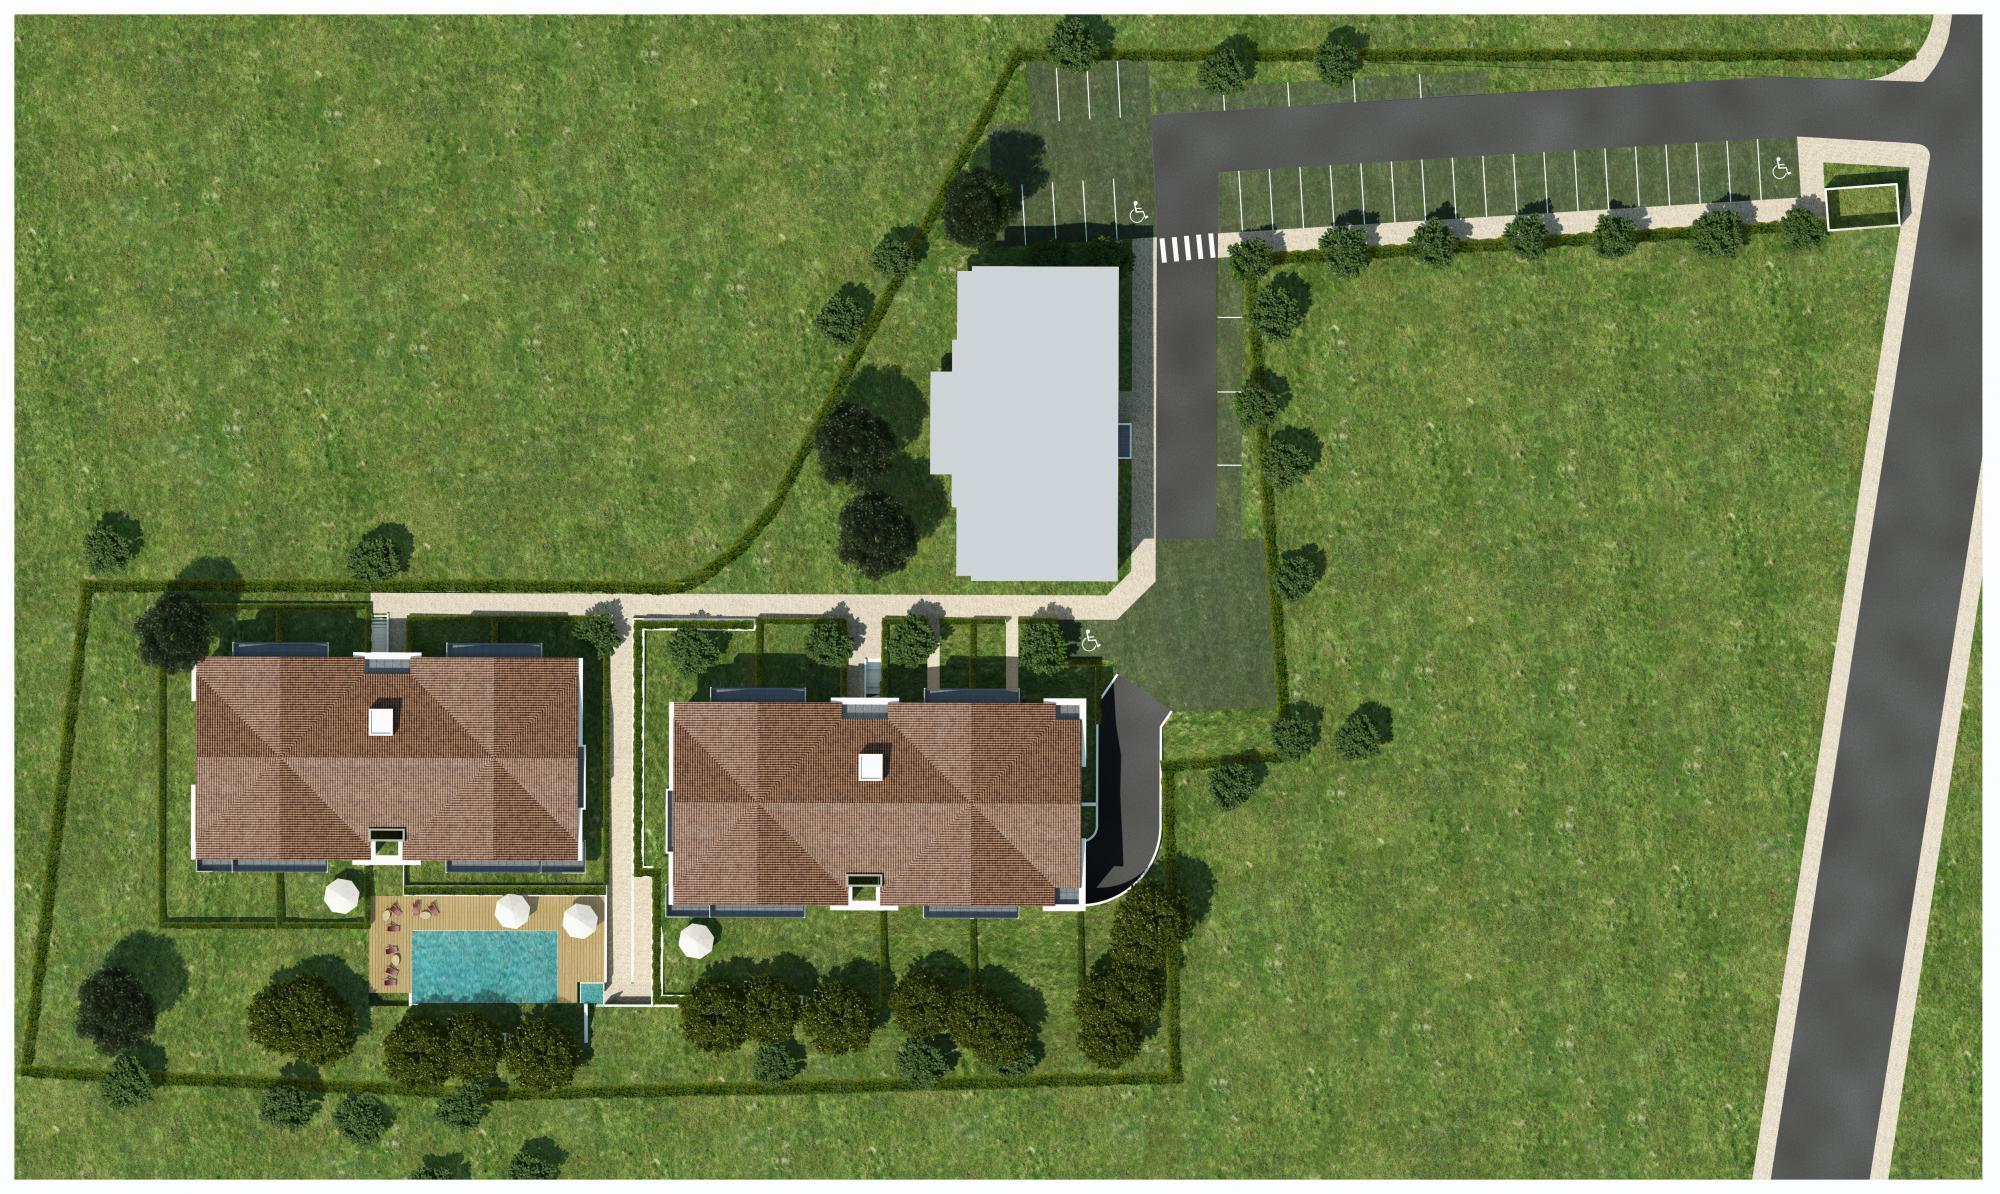 Les calanques de saint aygulf programme immobilier neuf - Les jardins de villepey saint aygulf ...